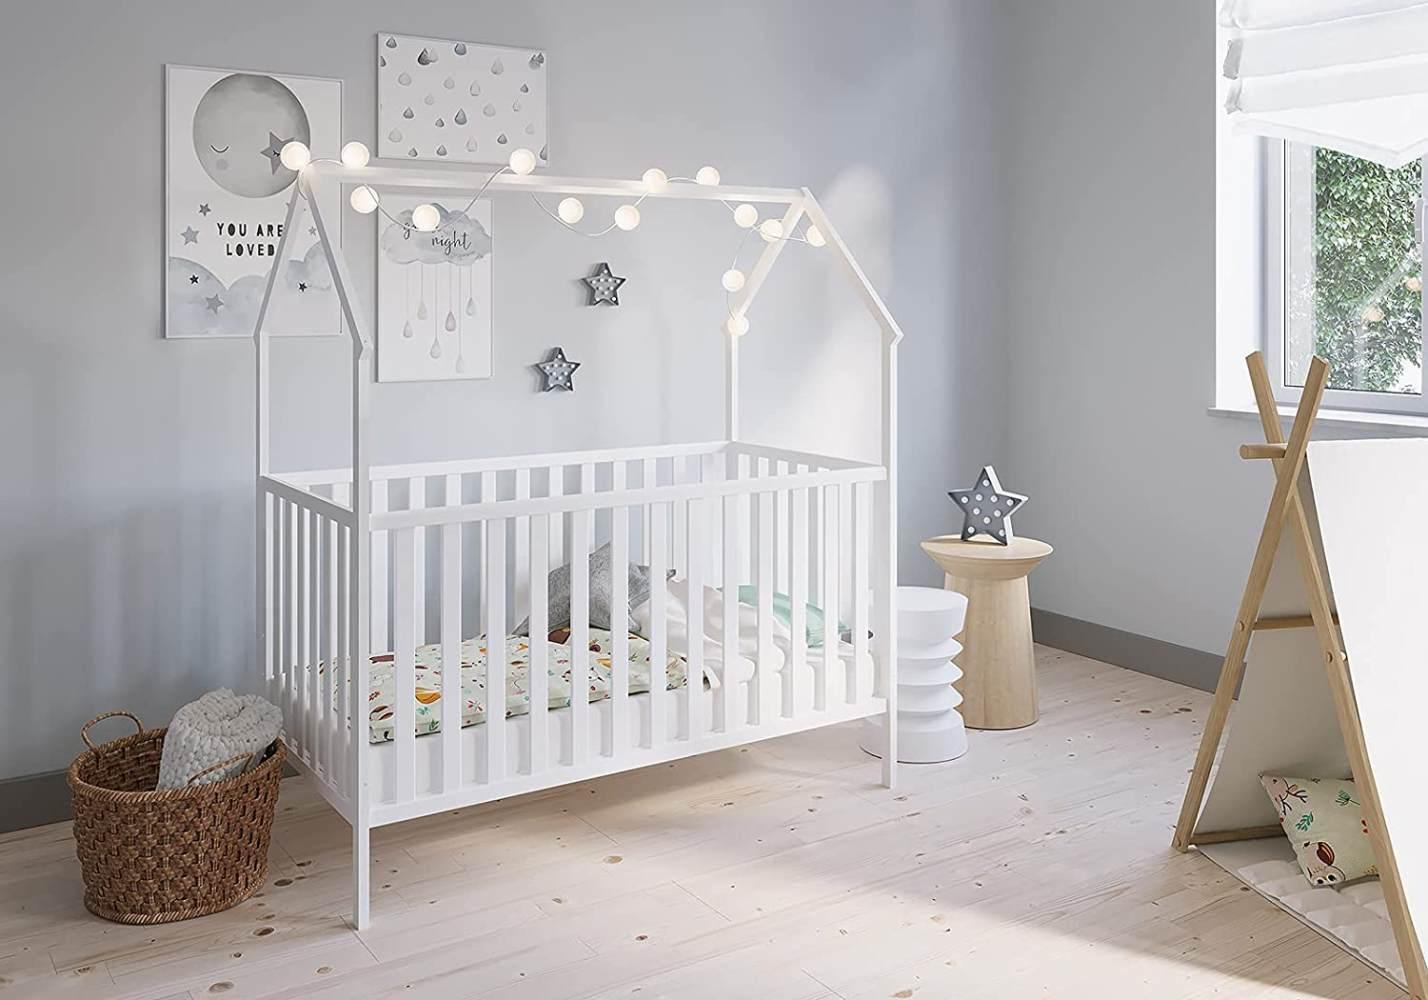 FabiMax 'Schlafmütze' Kinderbett, 70 x 140 cm, weiß, mit Matratze Classic, Kiefer massiv, 3-fach höhenverstellbar, umbaubar Bild 1